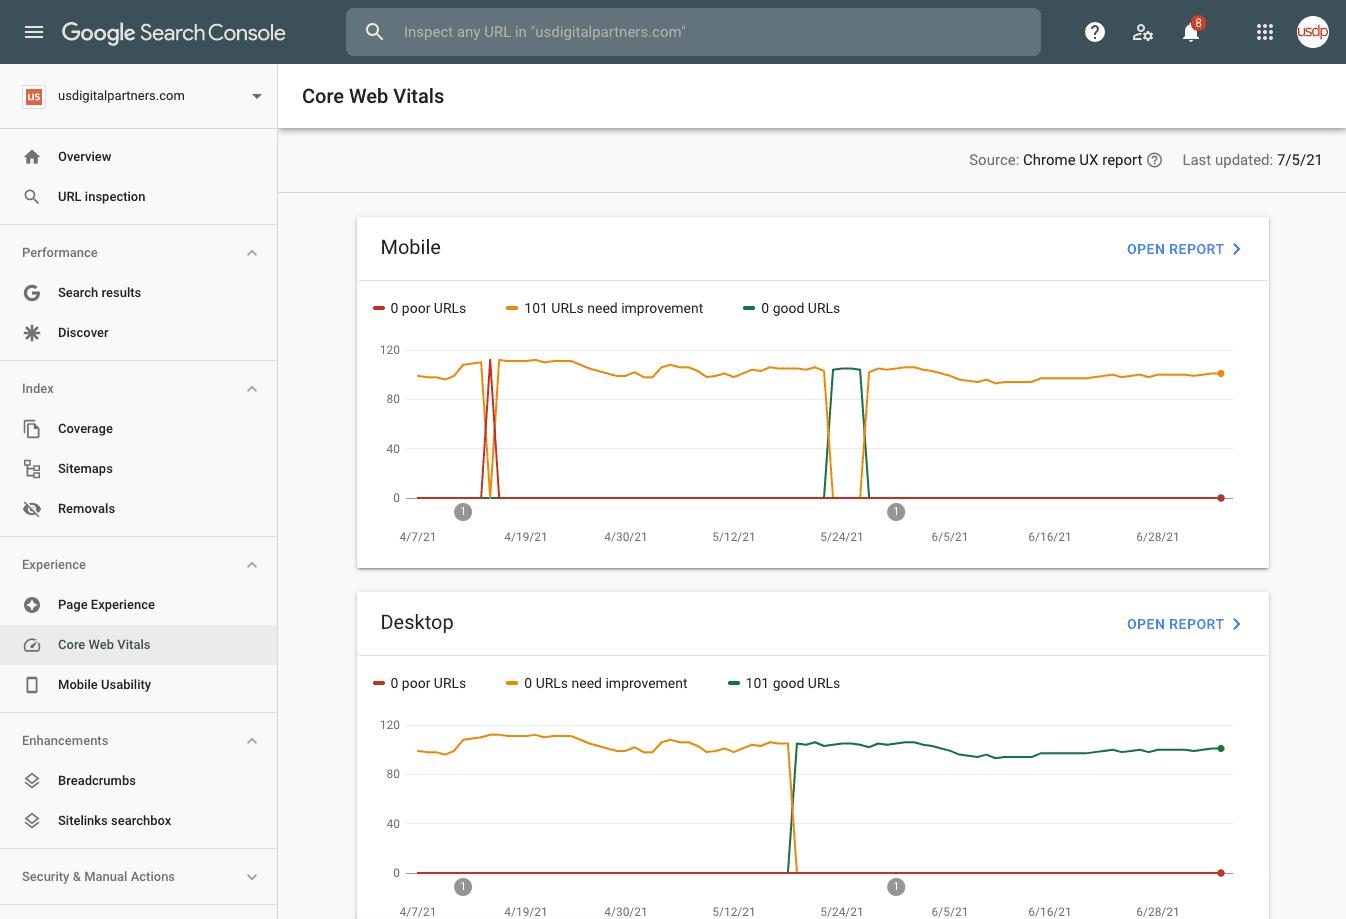 Google search console core web vitals dashboard